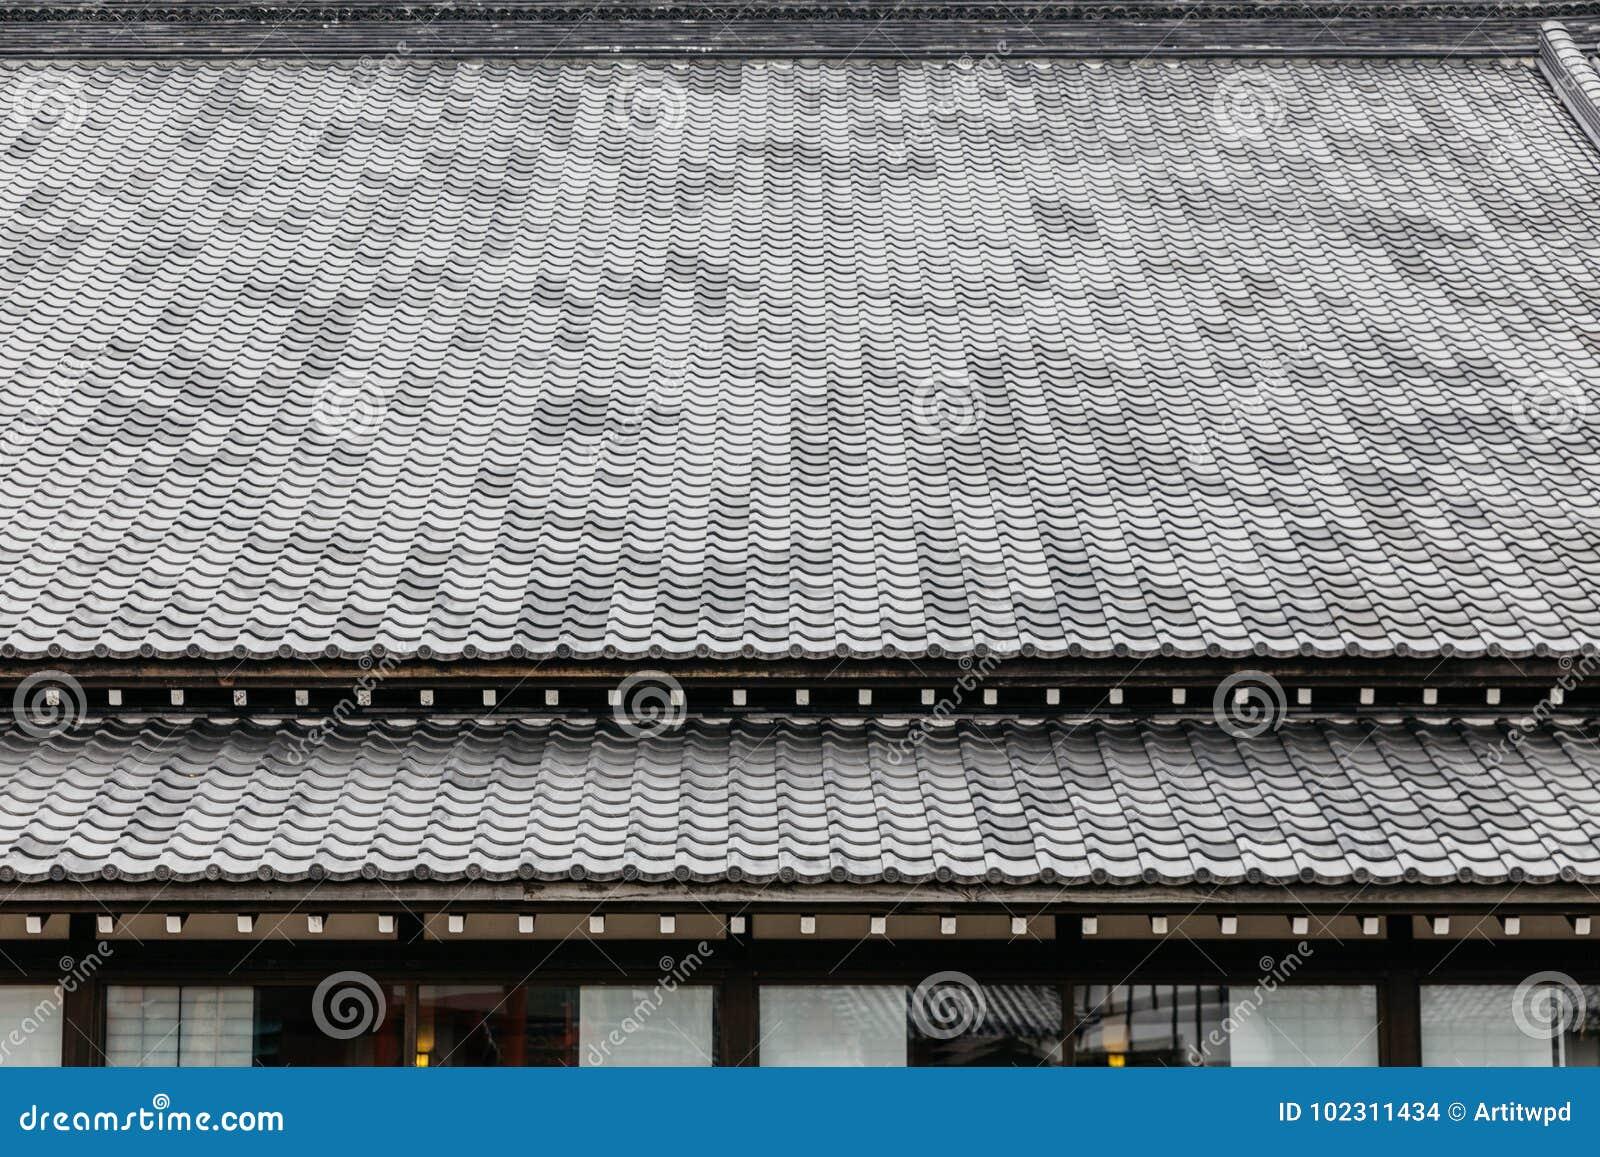 Zakończenie up szczegółu dachowe płytki Edo okresu architektury styl z liśćmi mniej drzewa w Noboribetsu Datują JIdaimura History